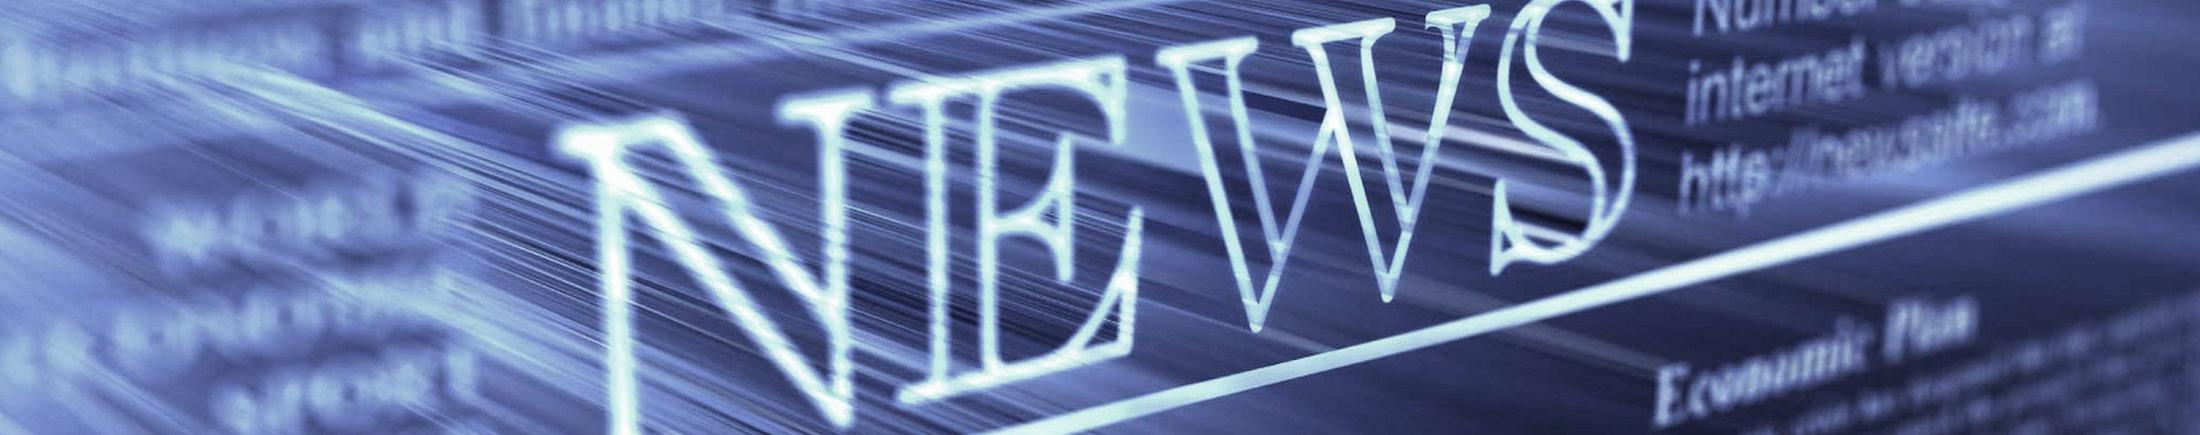 L.E. Jones Company | We Make Precision Valve Seat Inserts